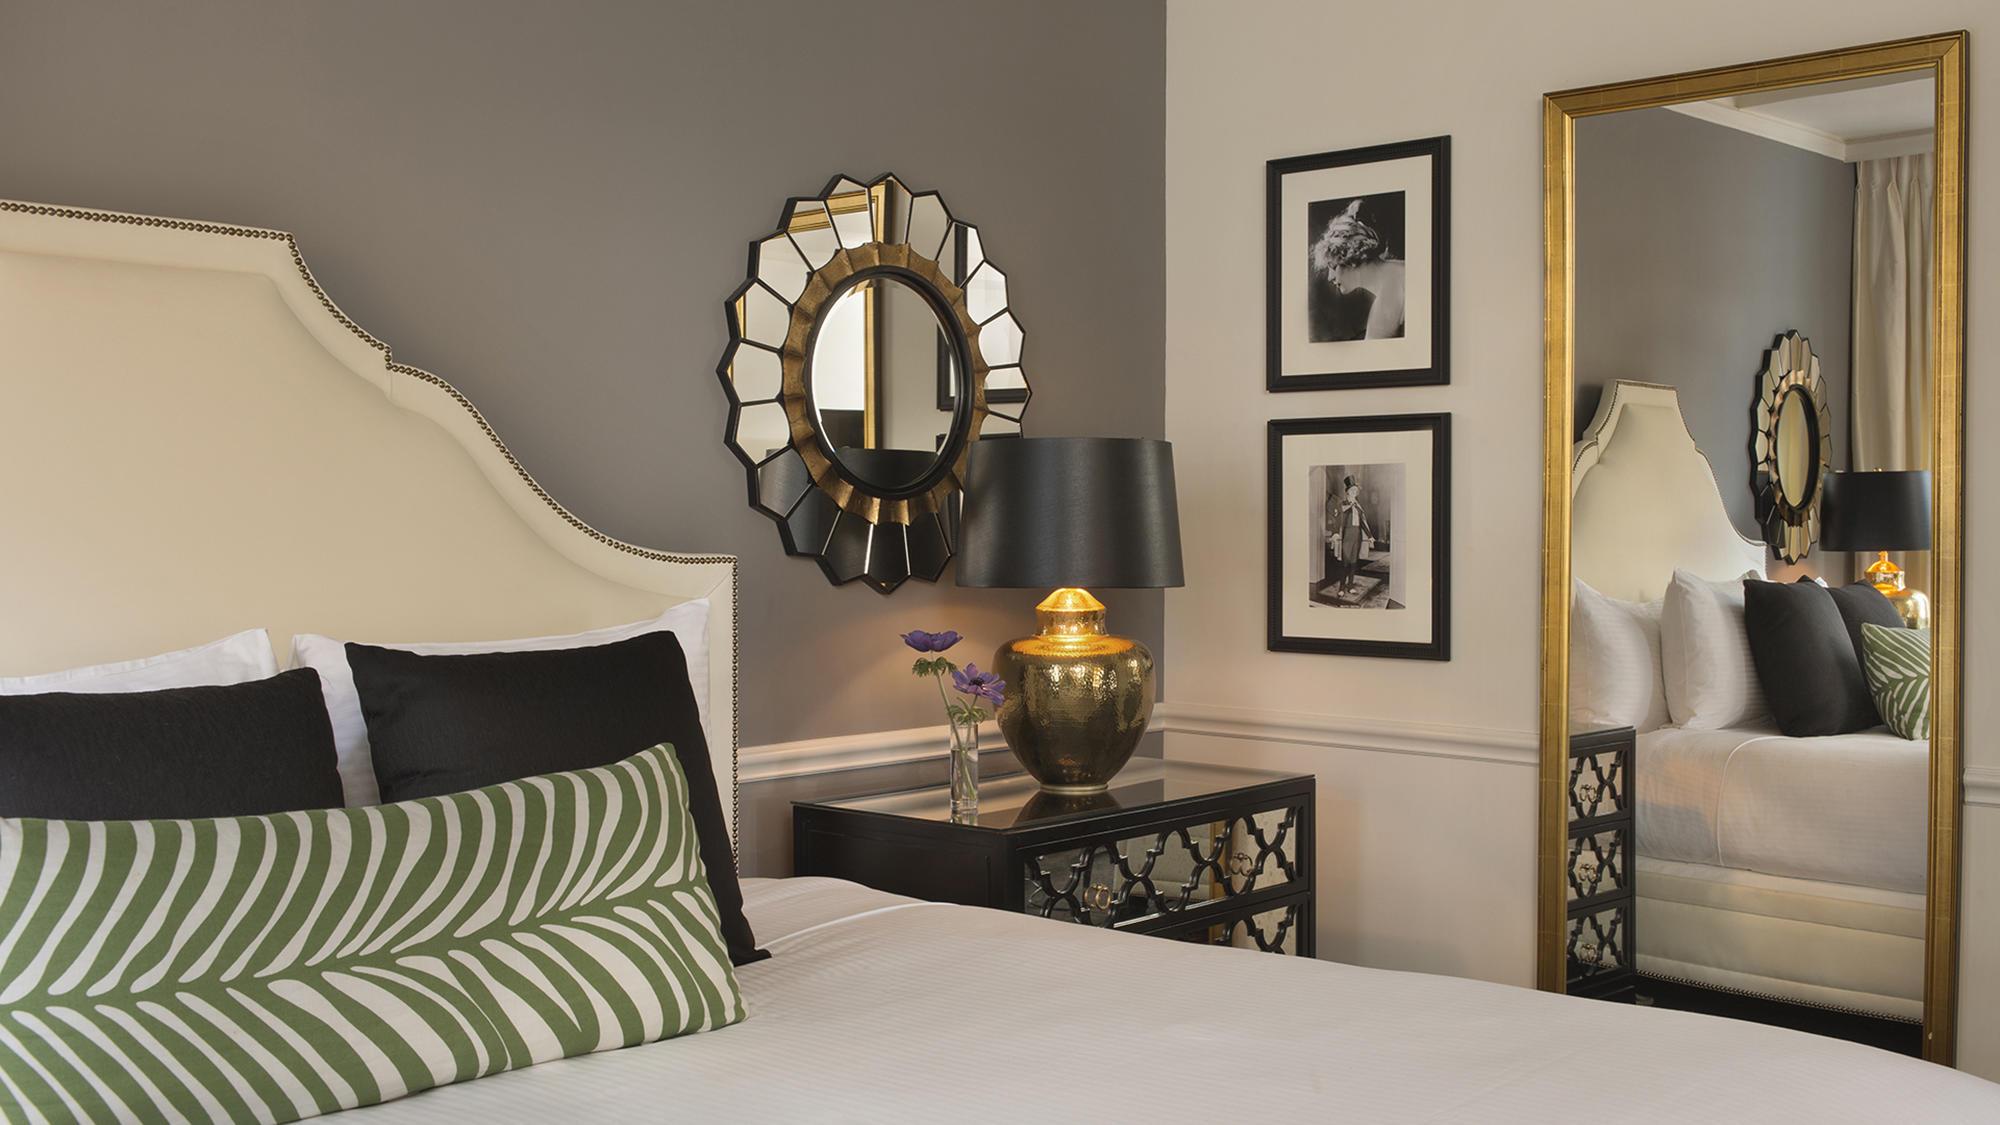 Marion Suite offer details